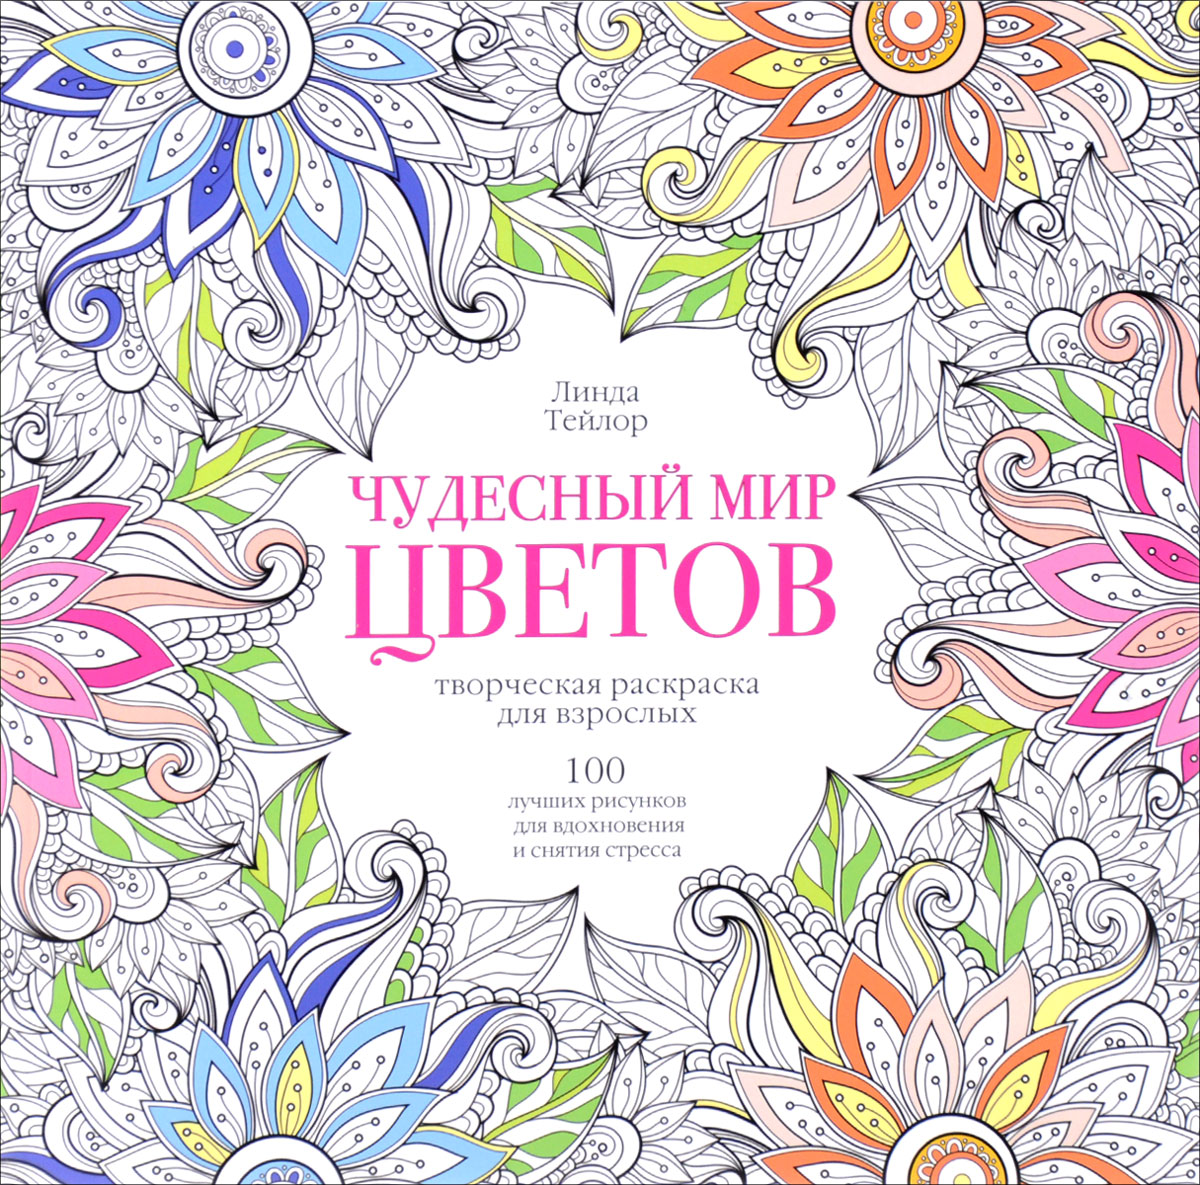 Линда Тейлор Чудесный мир цветов. 100 лучших рисунков для вдохновения и снятия стресса. Творческая раскраска для взрослых